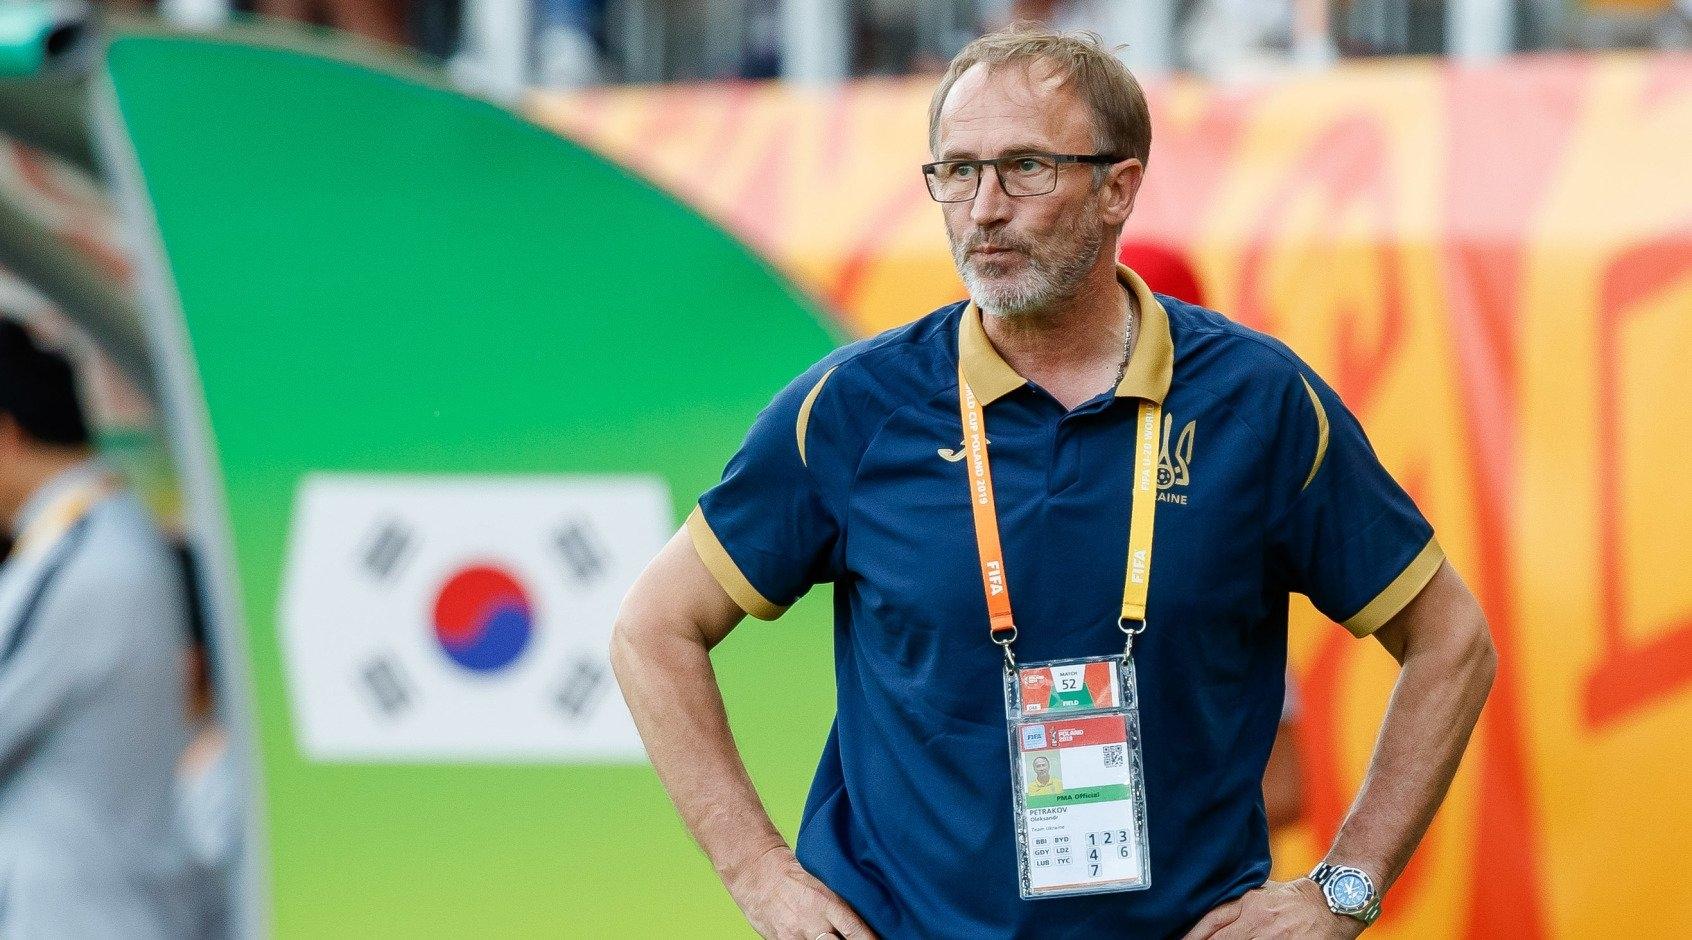 Официально: Александр Петраков стал новым главным тренером сборной Украины по футболу - фото №2